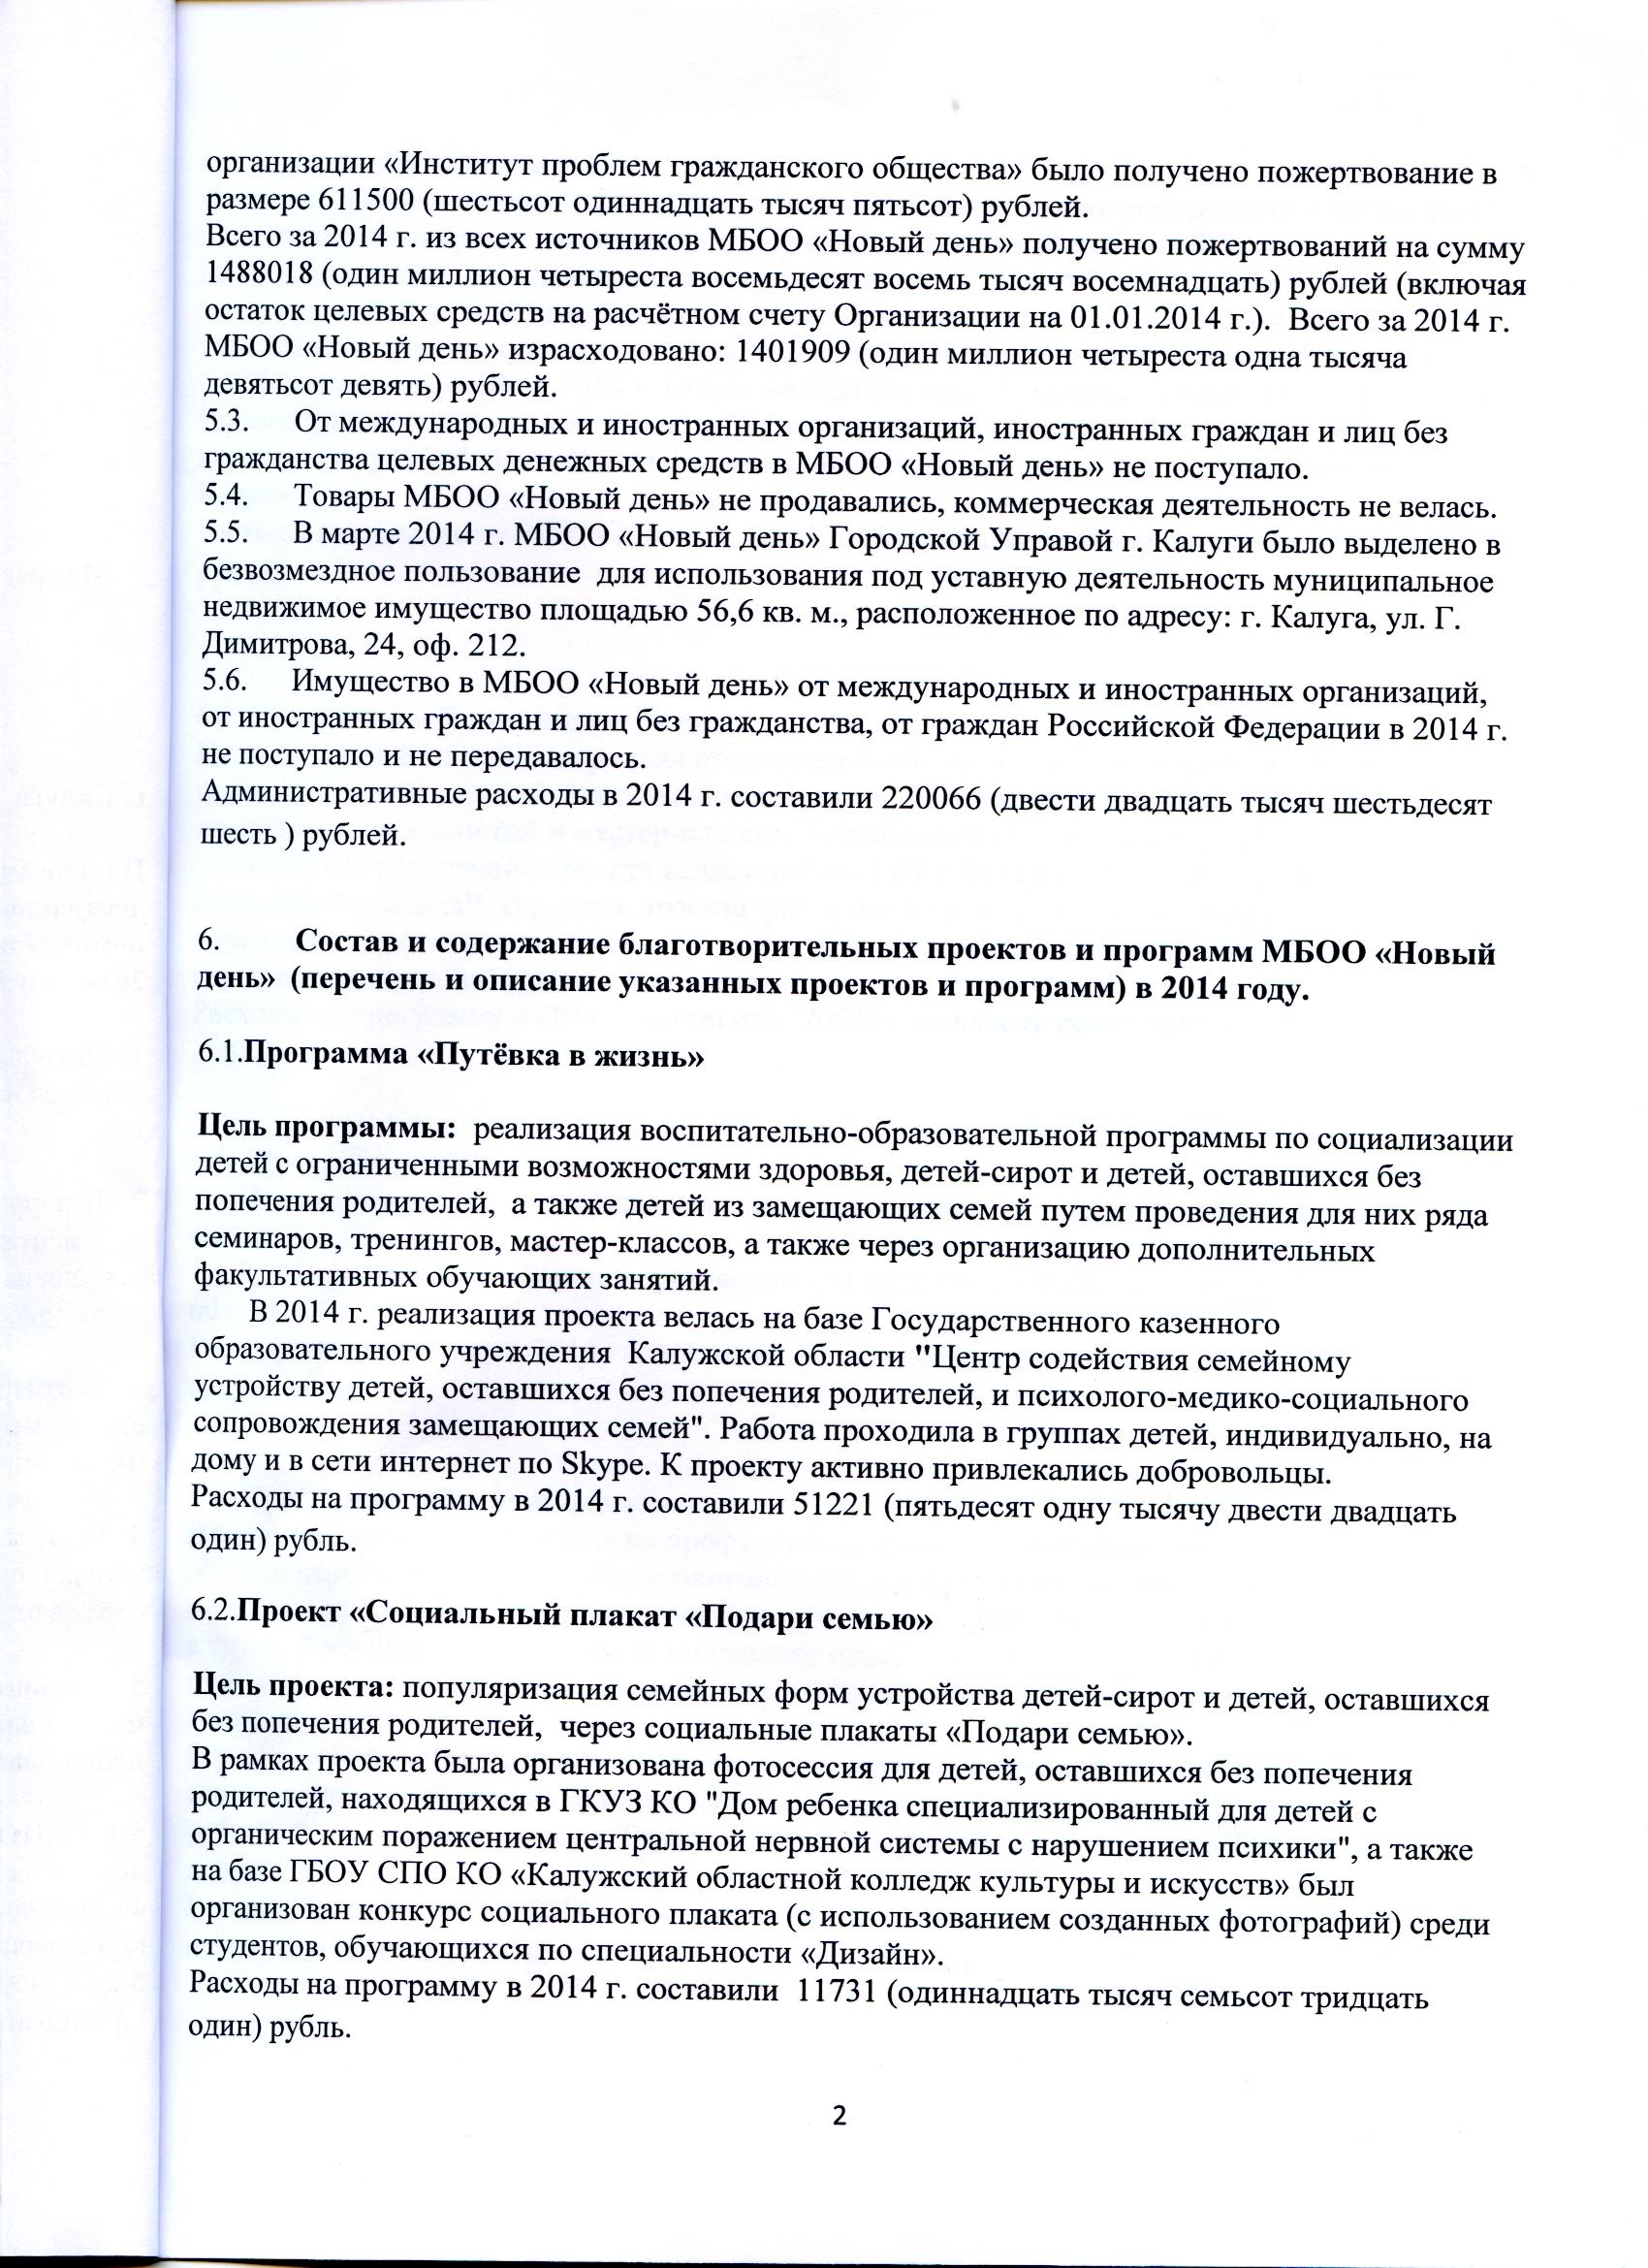 """Отчёт председателя правления МБОО """"Новый день"""" по итогам деятельности в 2014 году документ 2"""